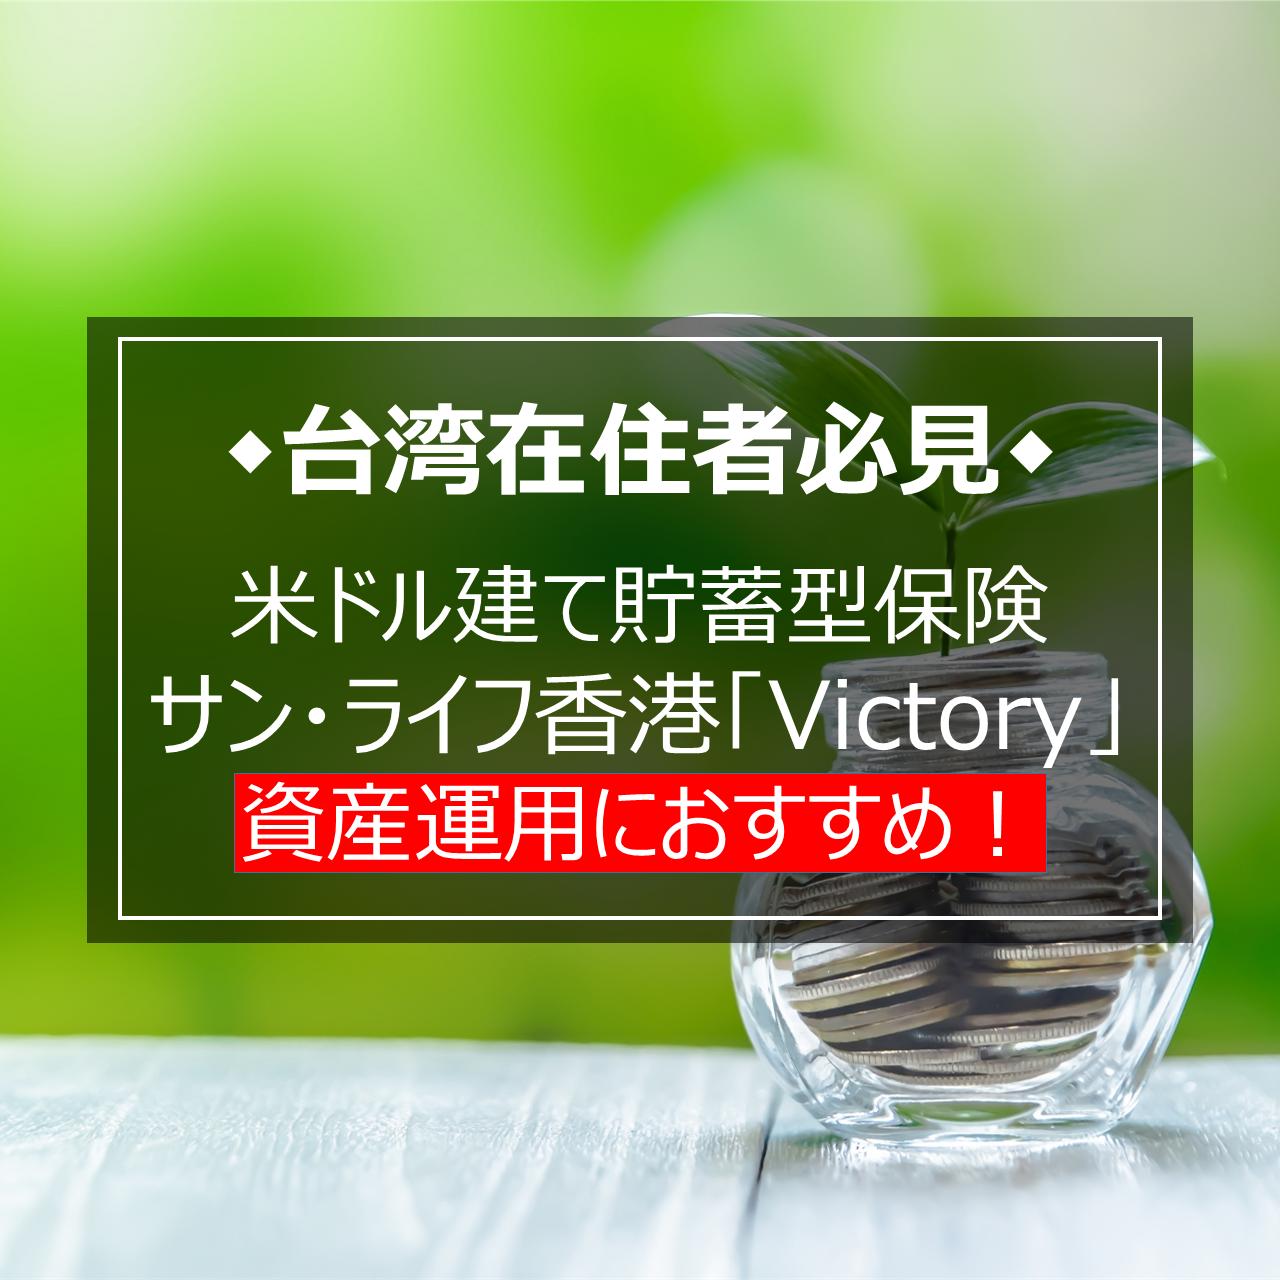 貯蓄型保険サン・ライフ香港の「Victory」